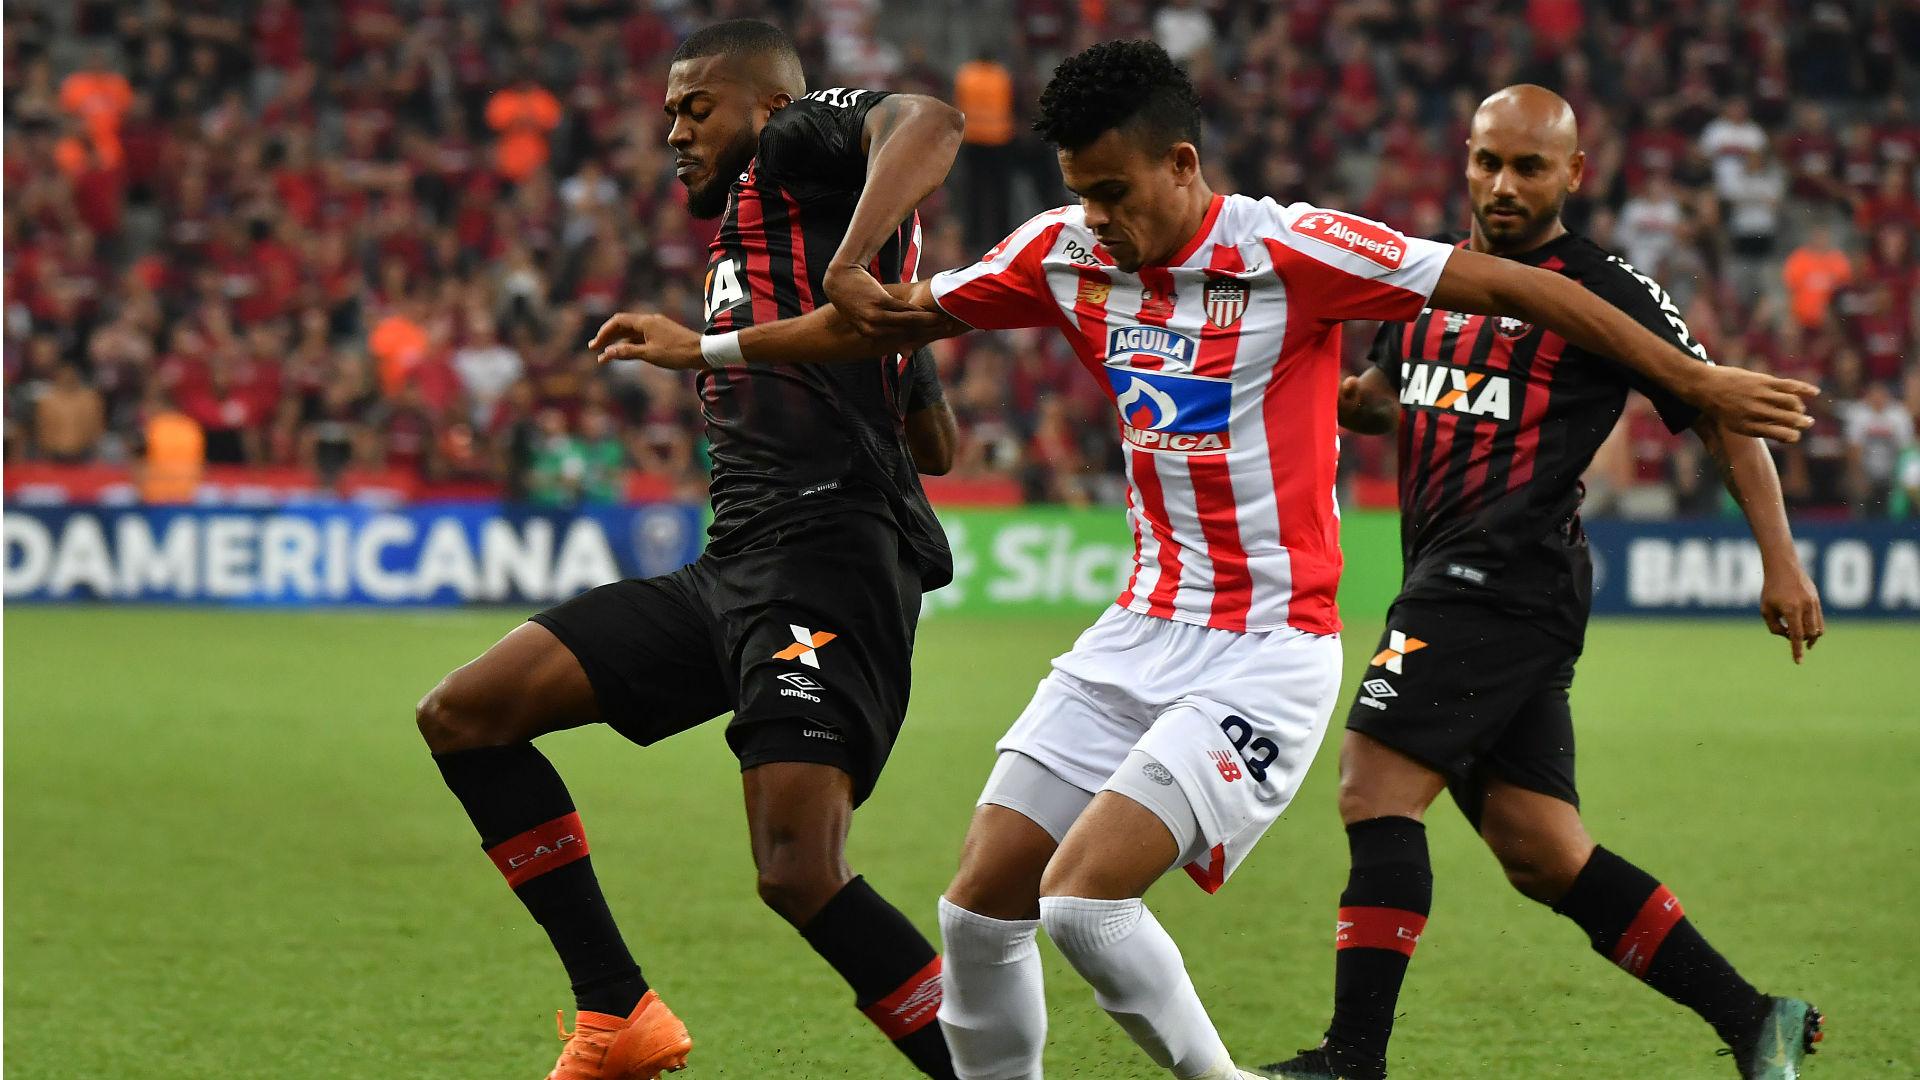 At. Paranaense - Junior Copa Sudamericana 12122018